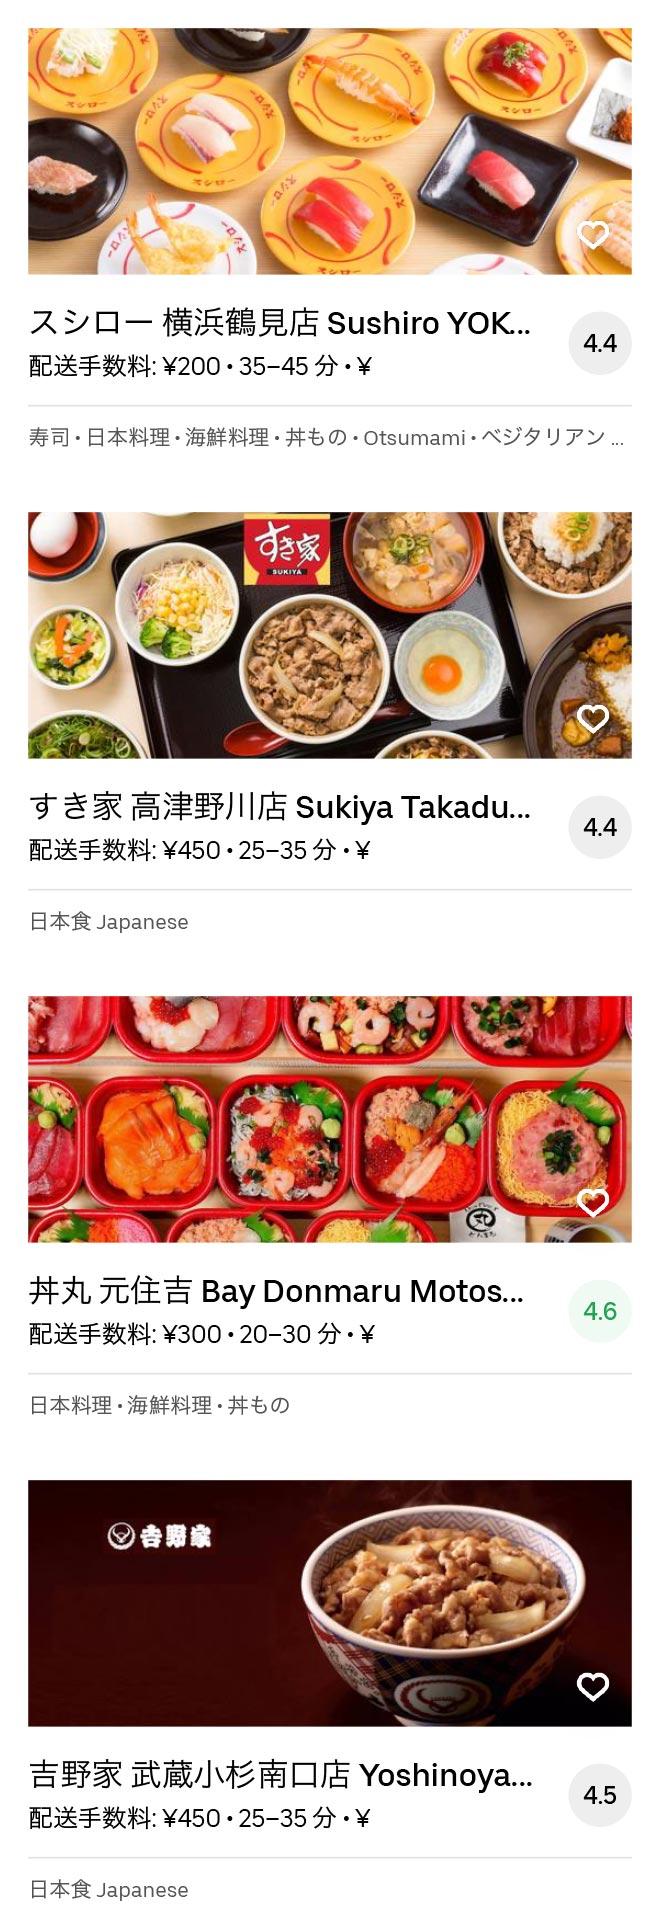 Yokohama tsunashima menu 2004 08